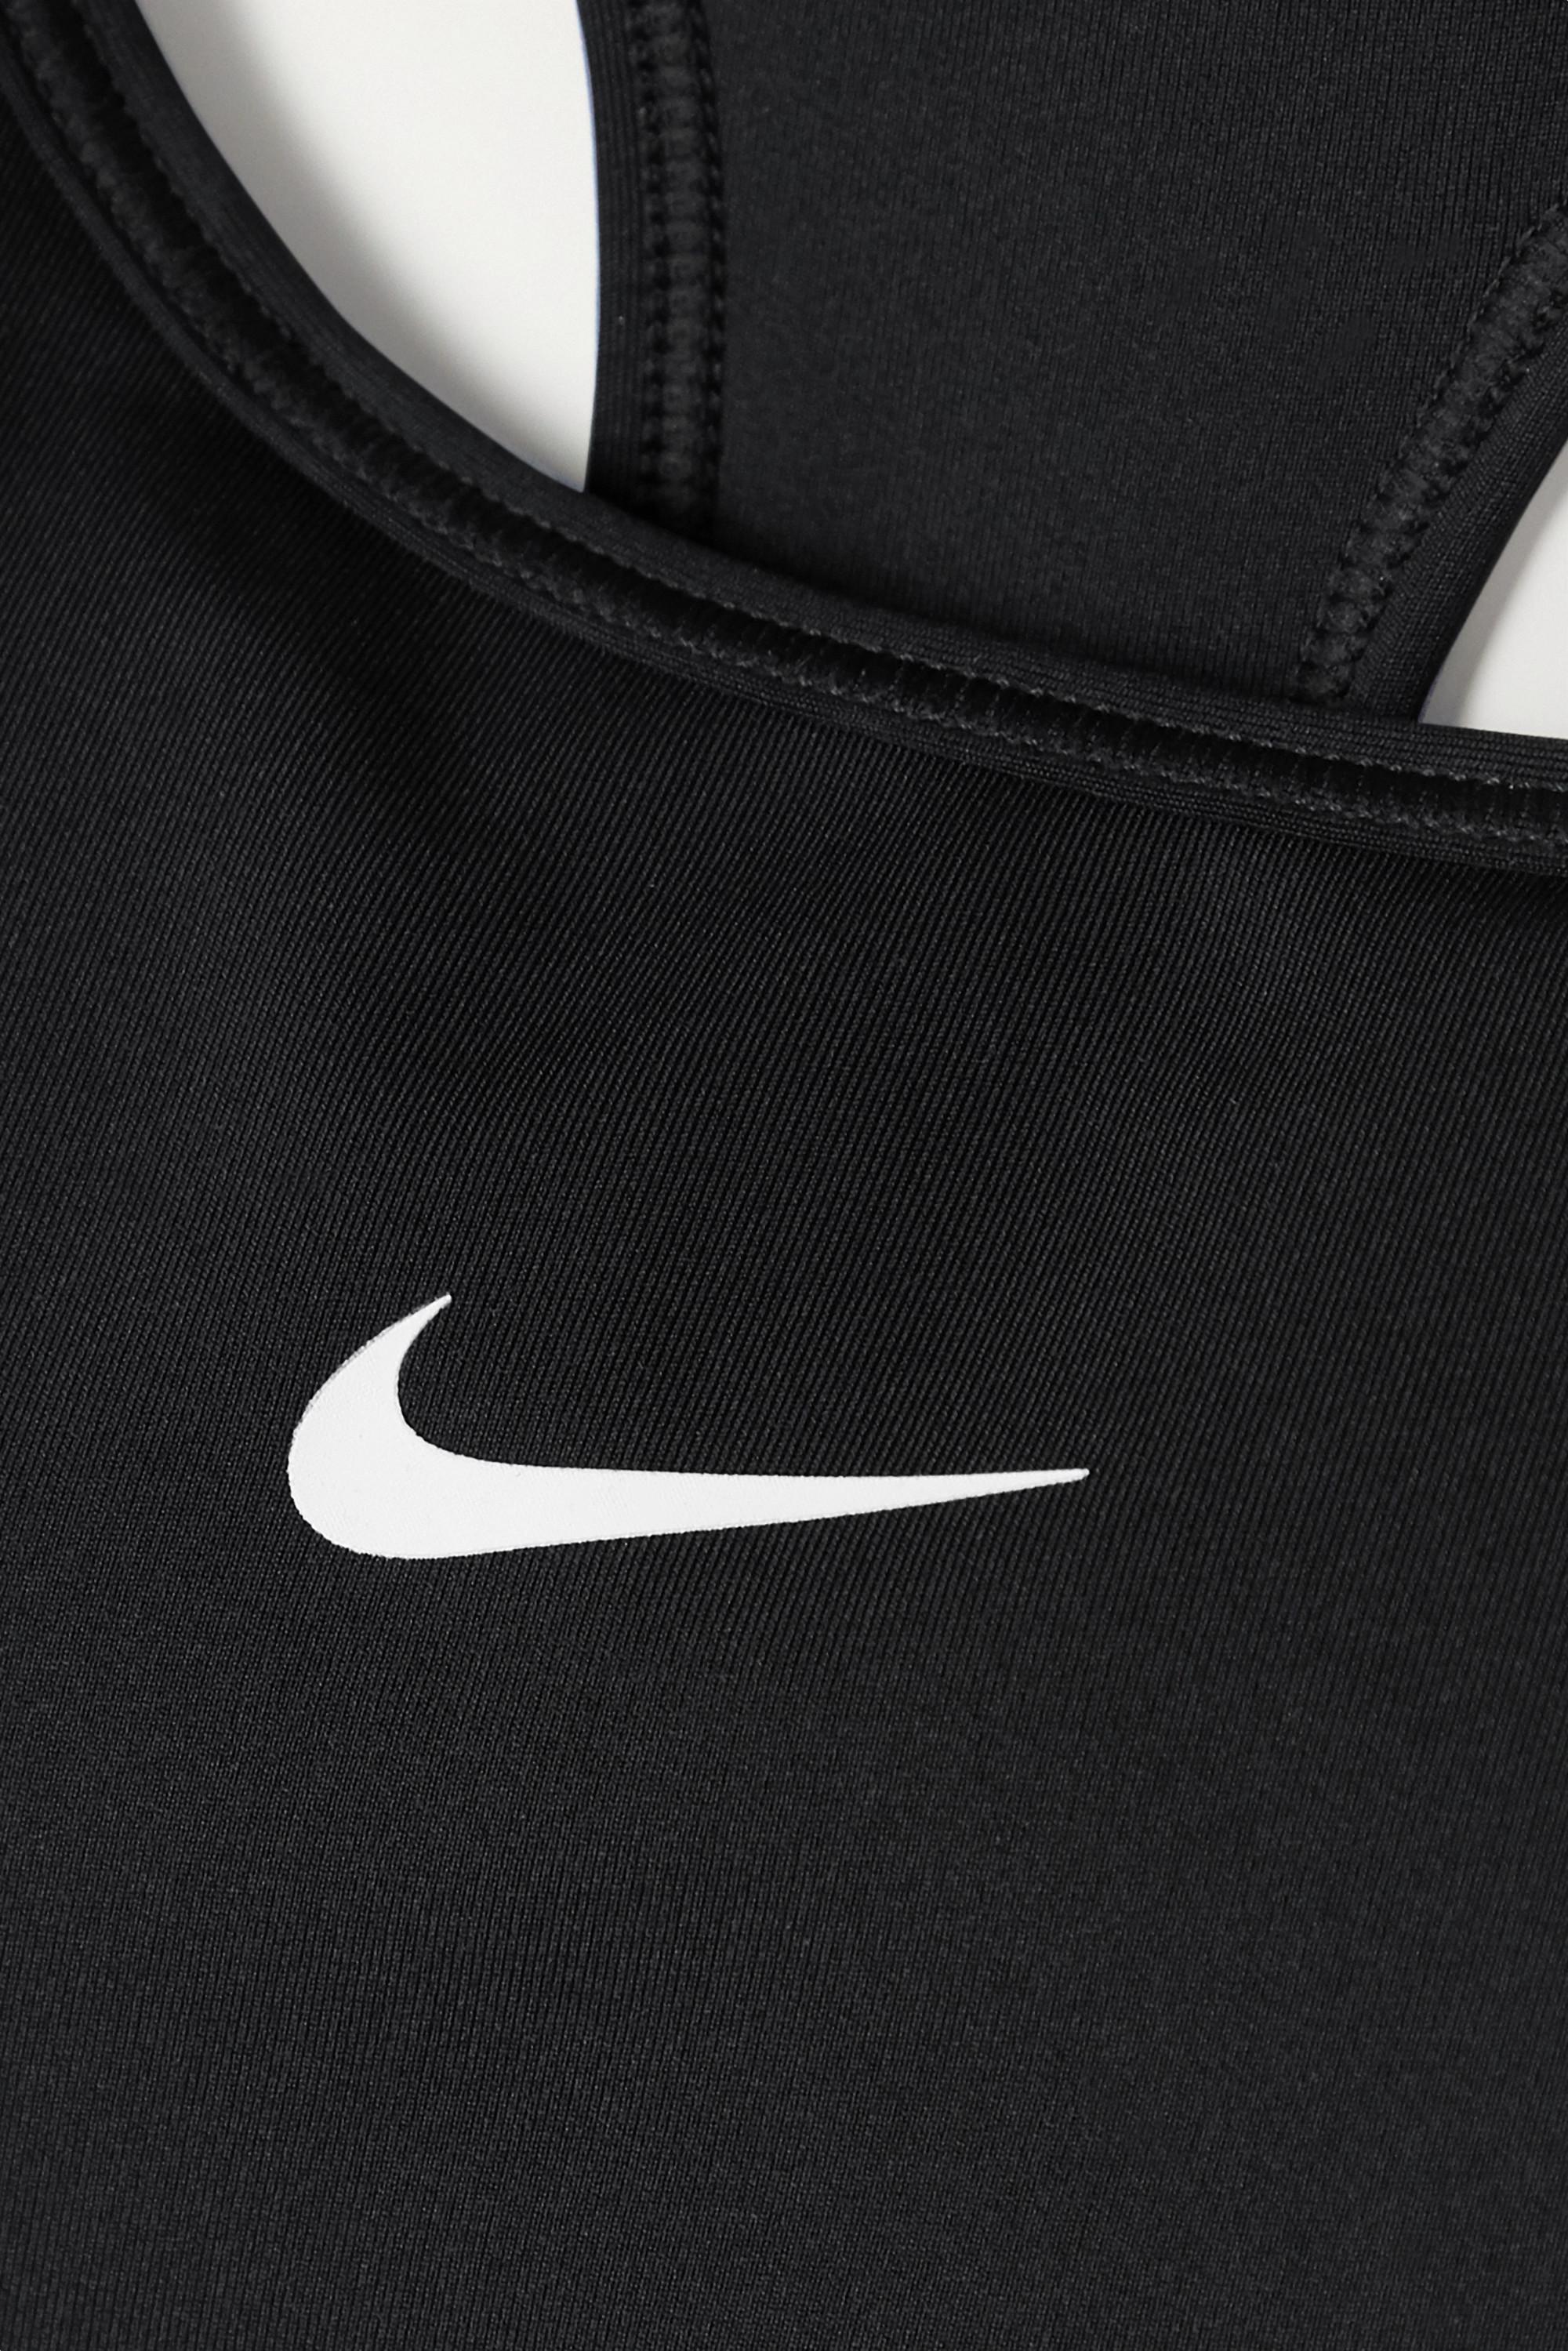 Black + Net Sustain Swoosh Dri-fit Sports Bra | Nike